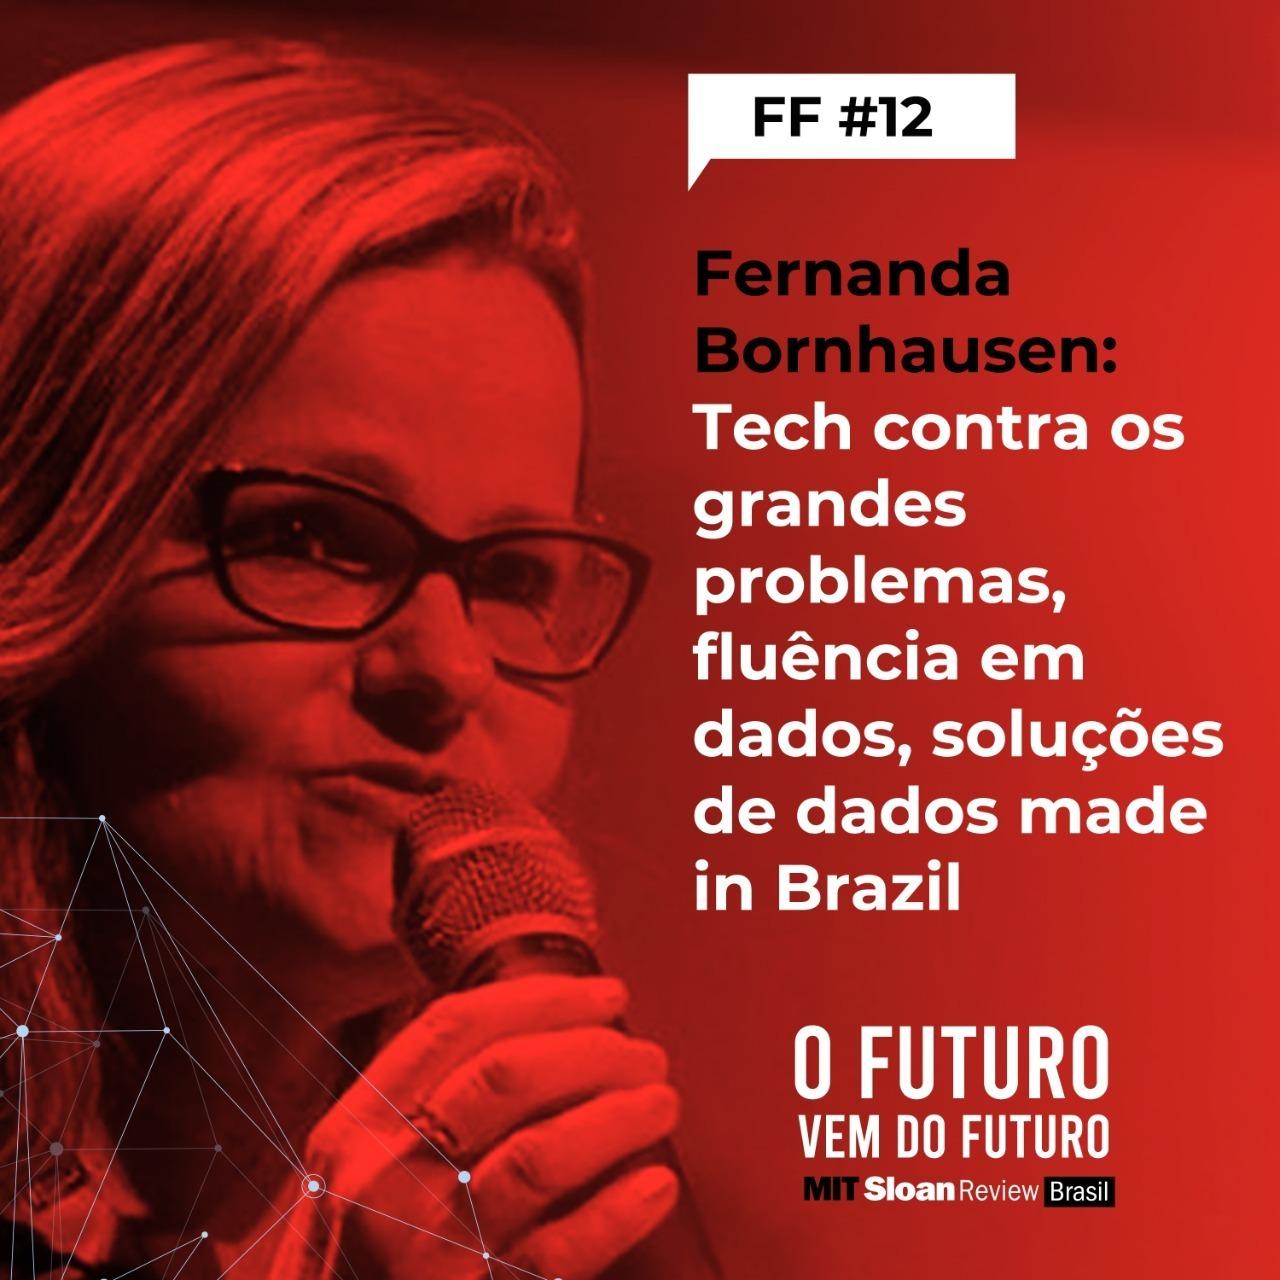 #12 - Fernanda Bornhausen: Tech contra os grandes problemas, fluência em dados, soluções de dados made in Brazil